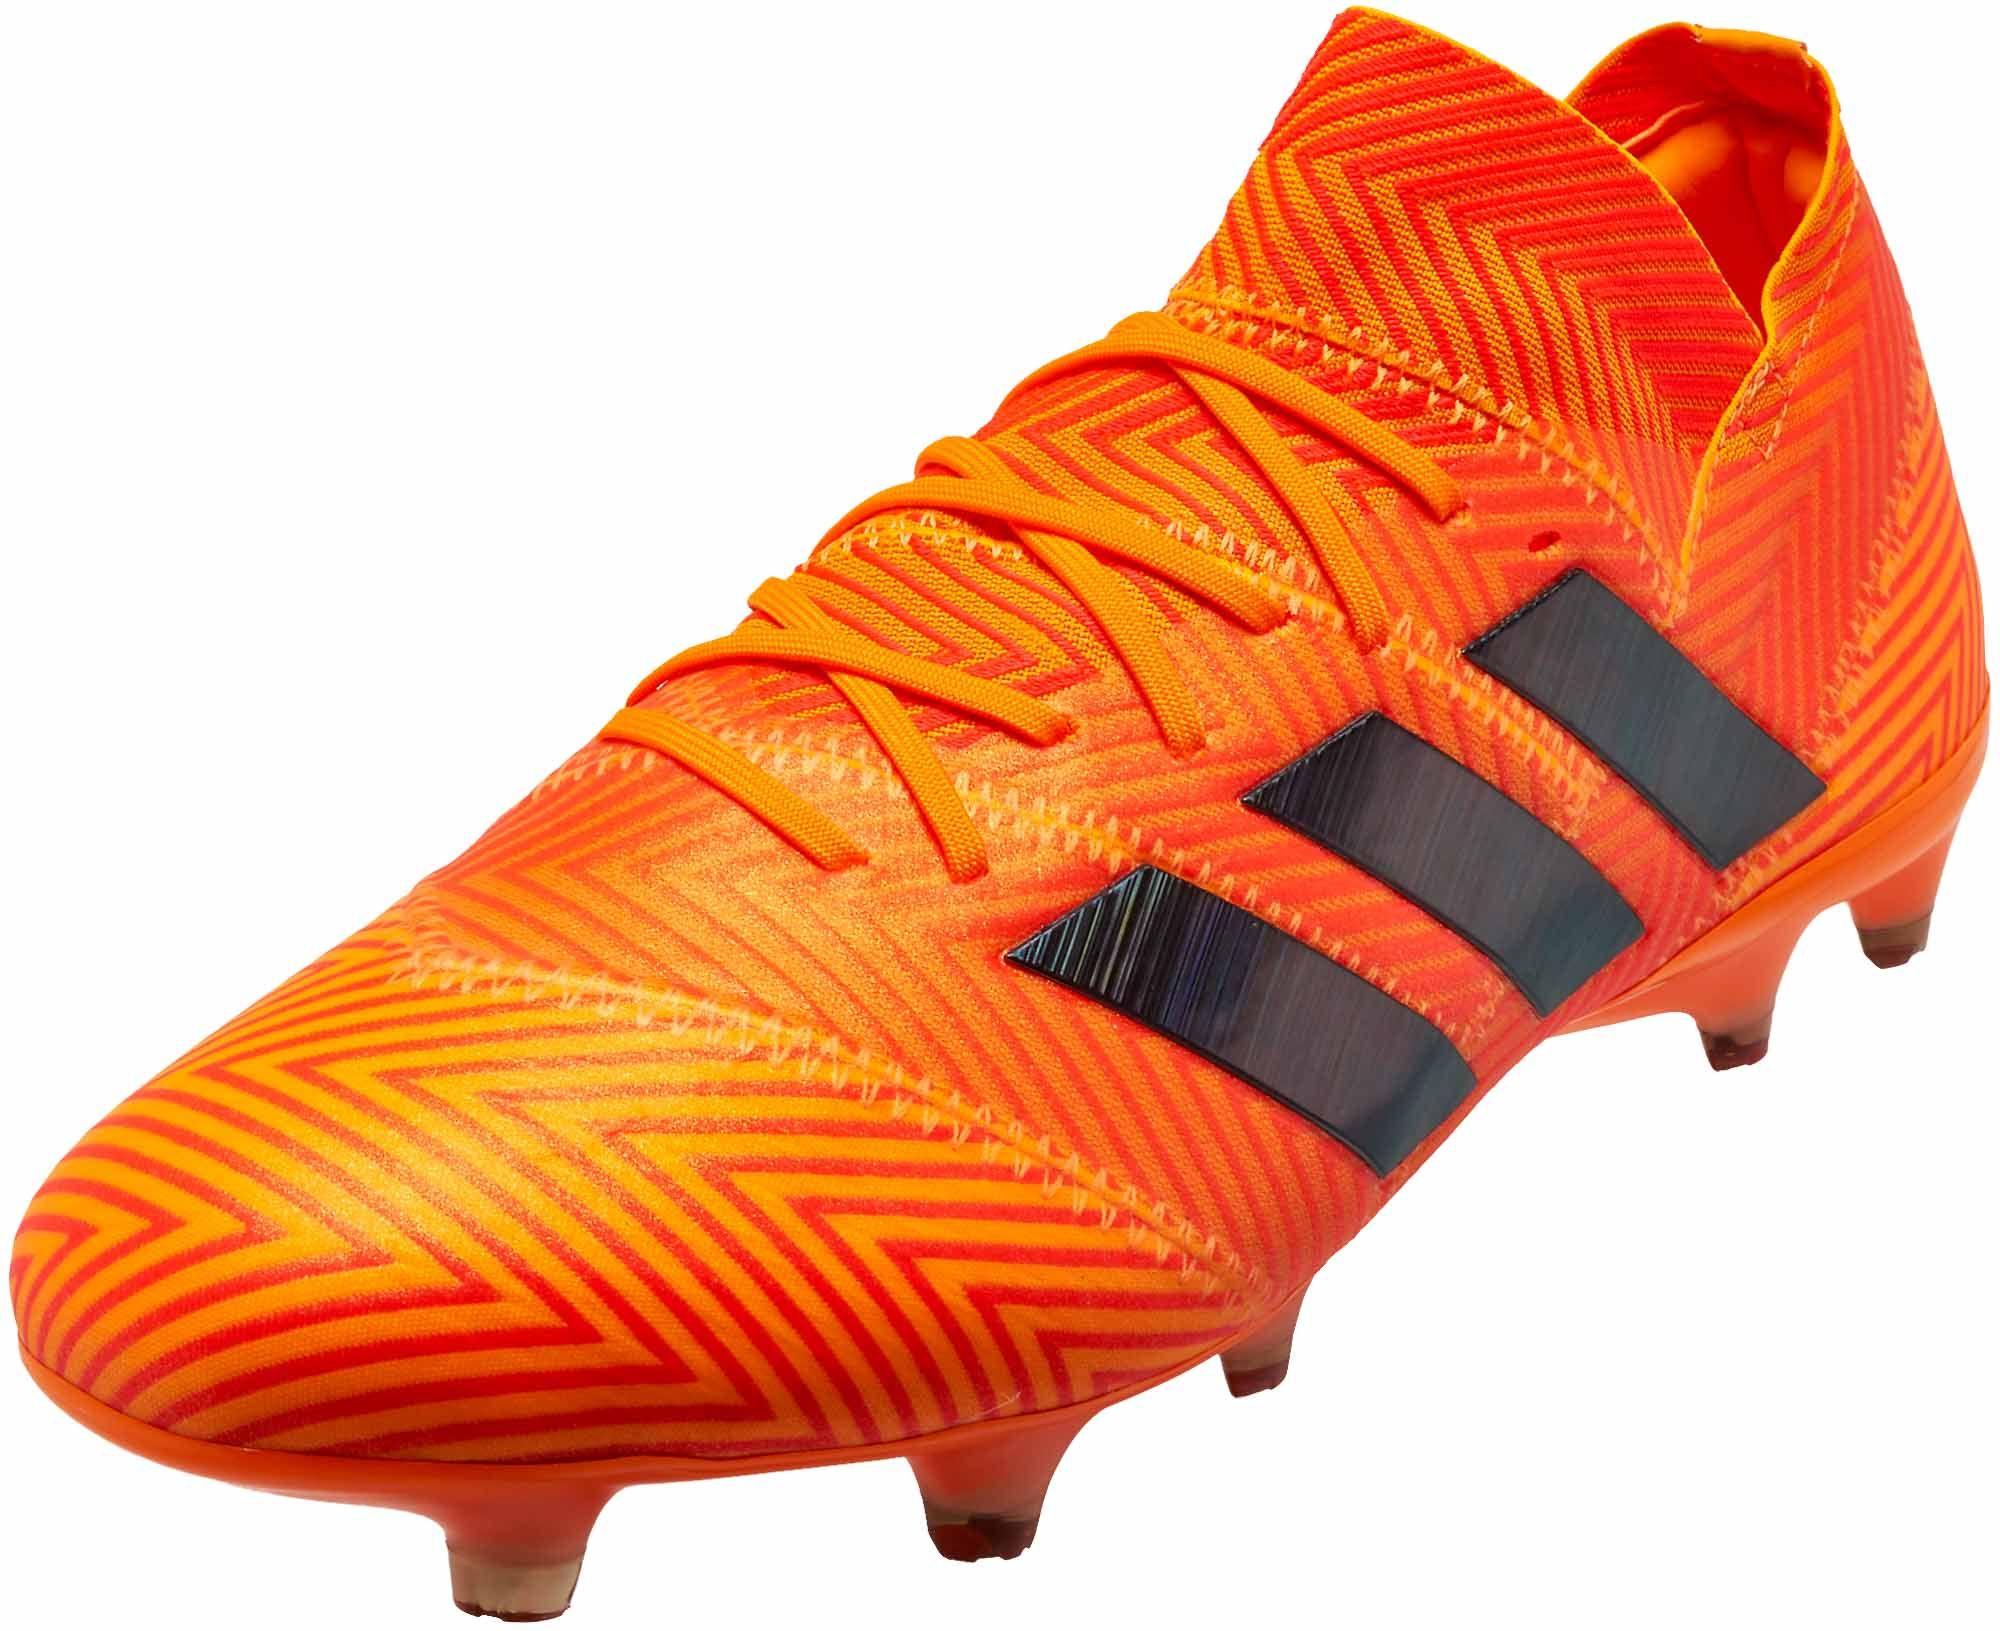 official photos 30e6a da37c Energy Mode pack adidas Nemeziz 18.1 Buy it from soccerpro.com today.